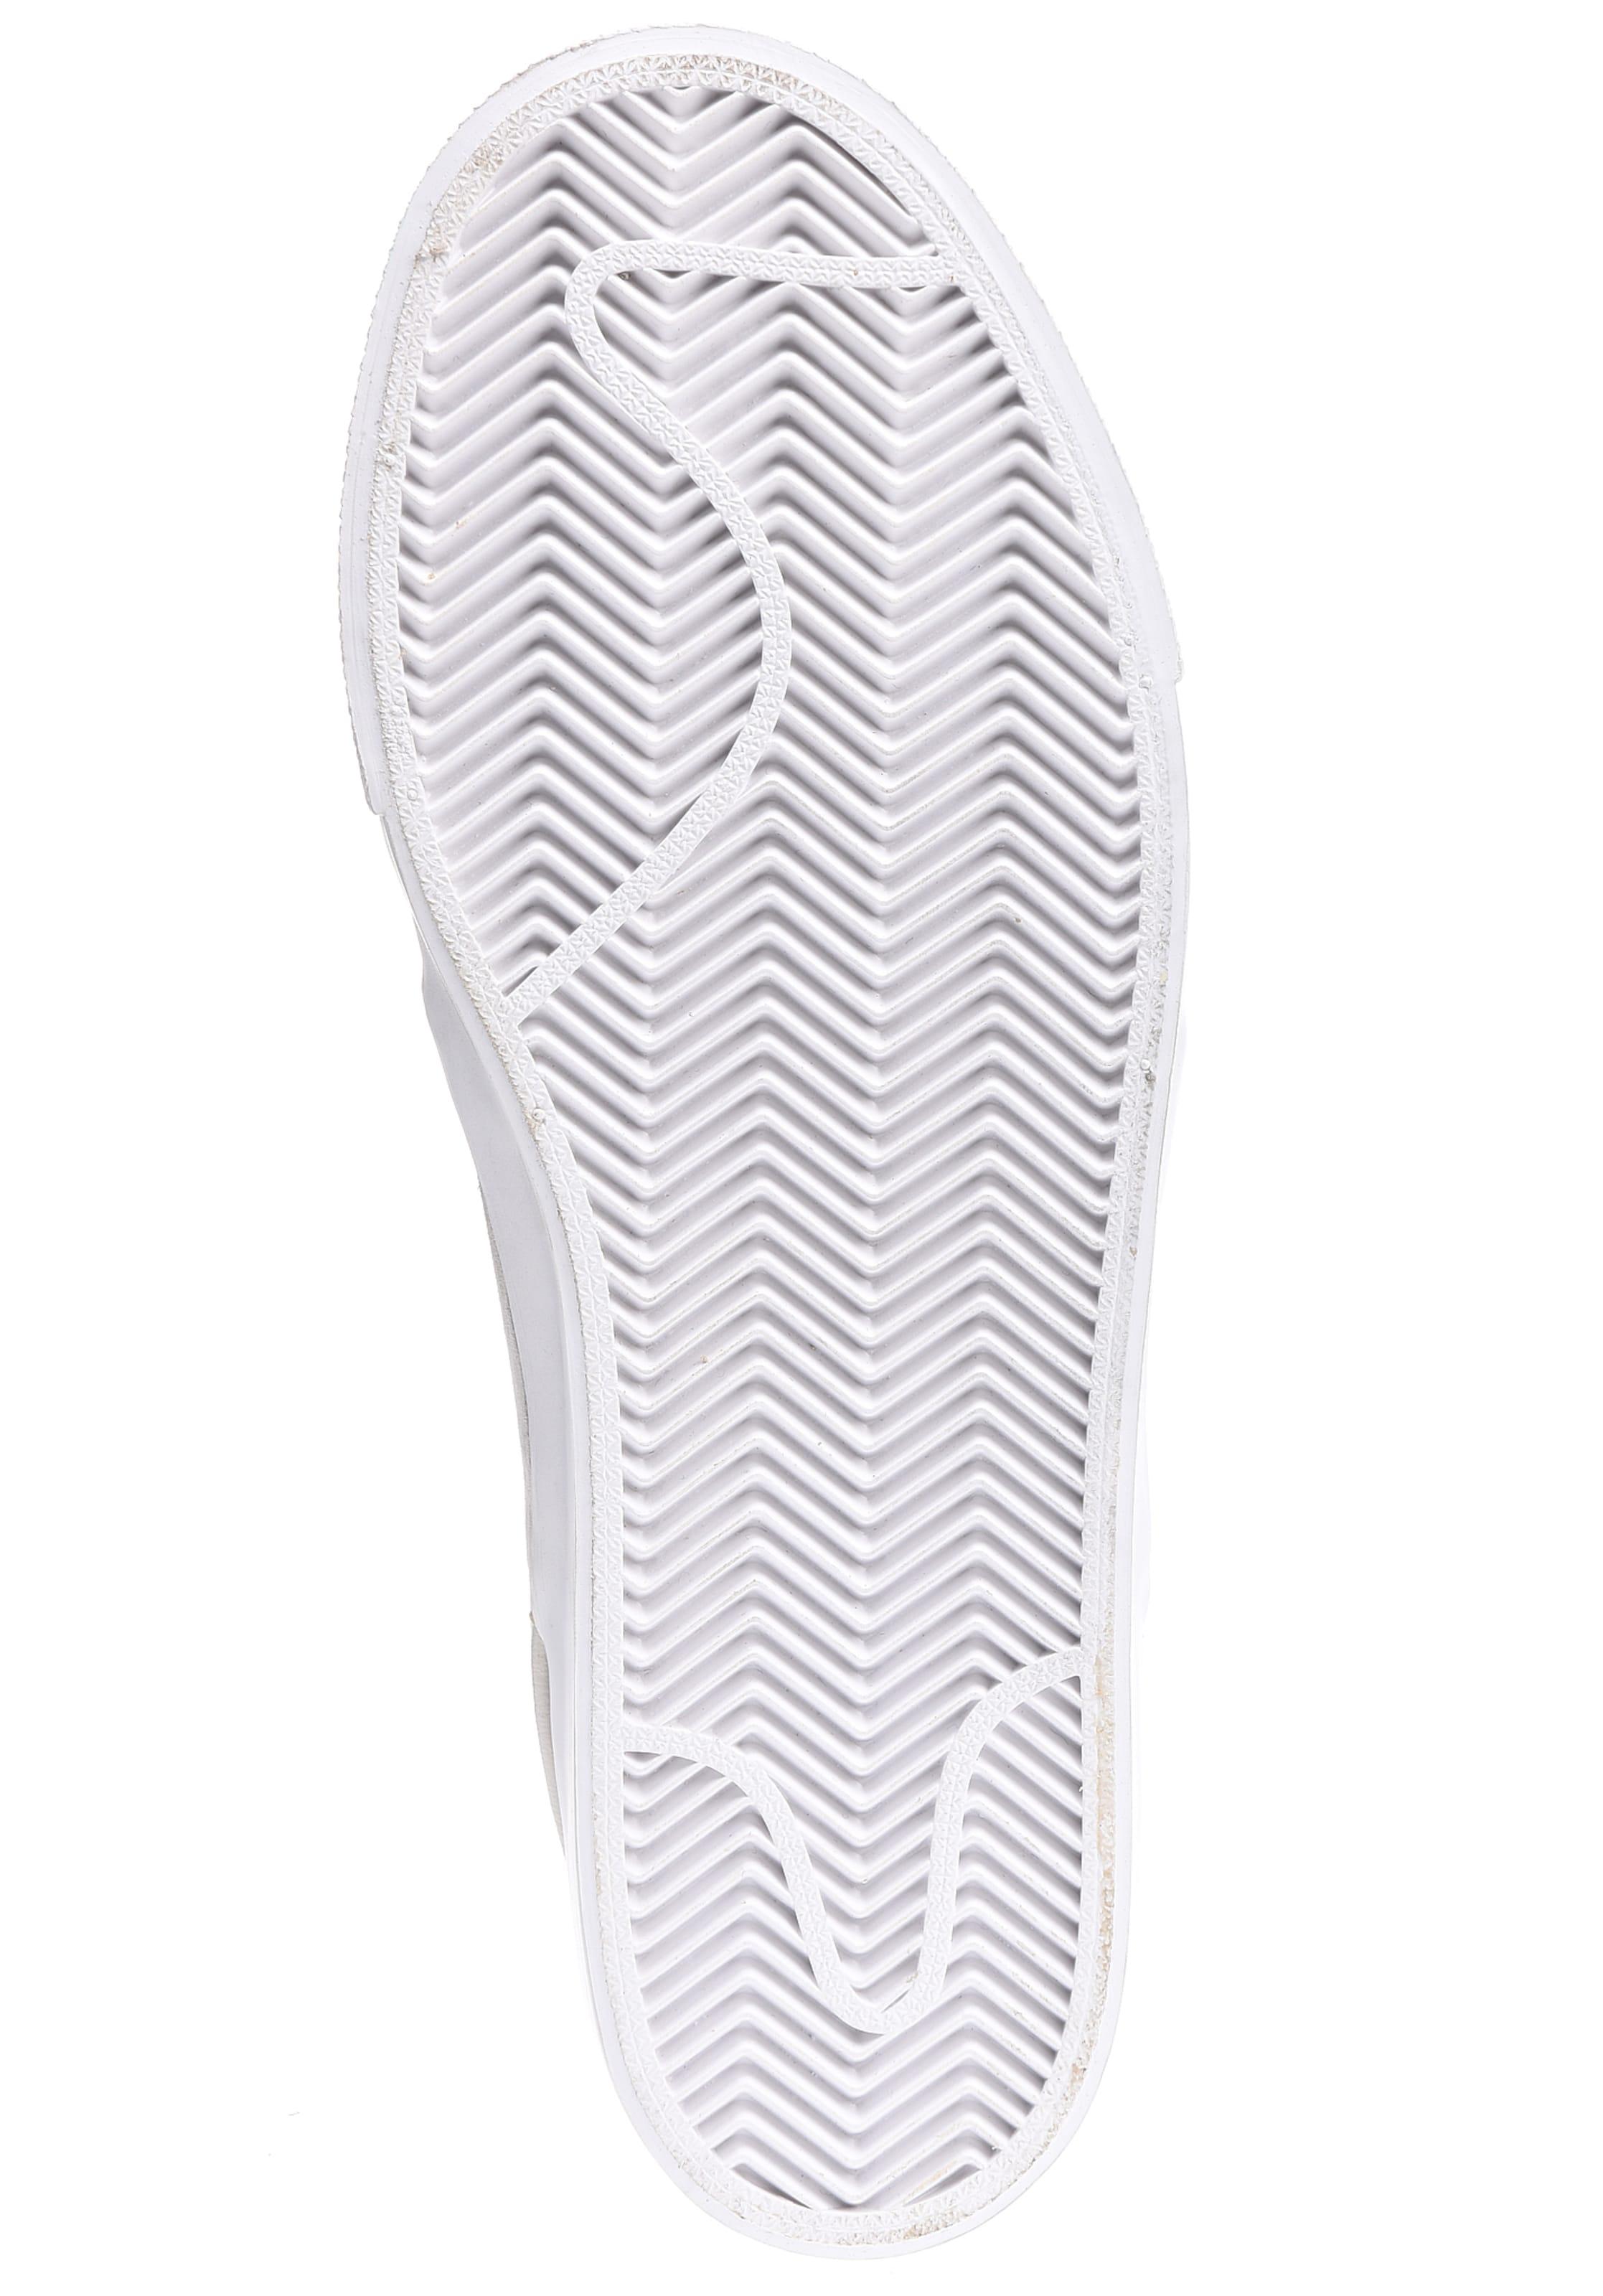 Nike SB Turnschuhe 'Zoom Janoski Verkaufen Ht Decon Leder Verkaufen Janoski Sie saisonale Aktionen 39046d